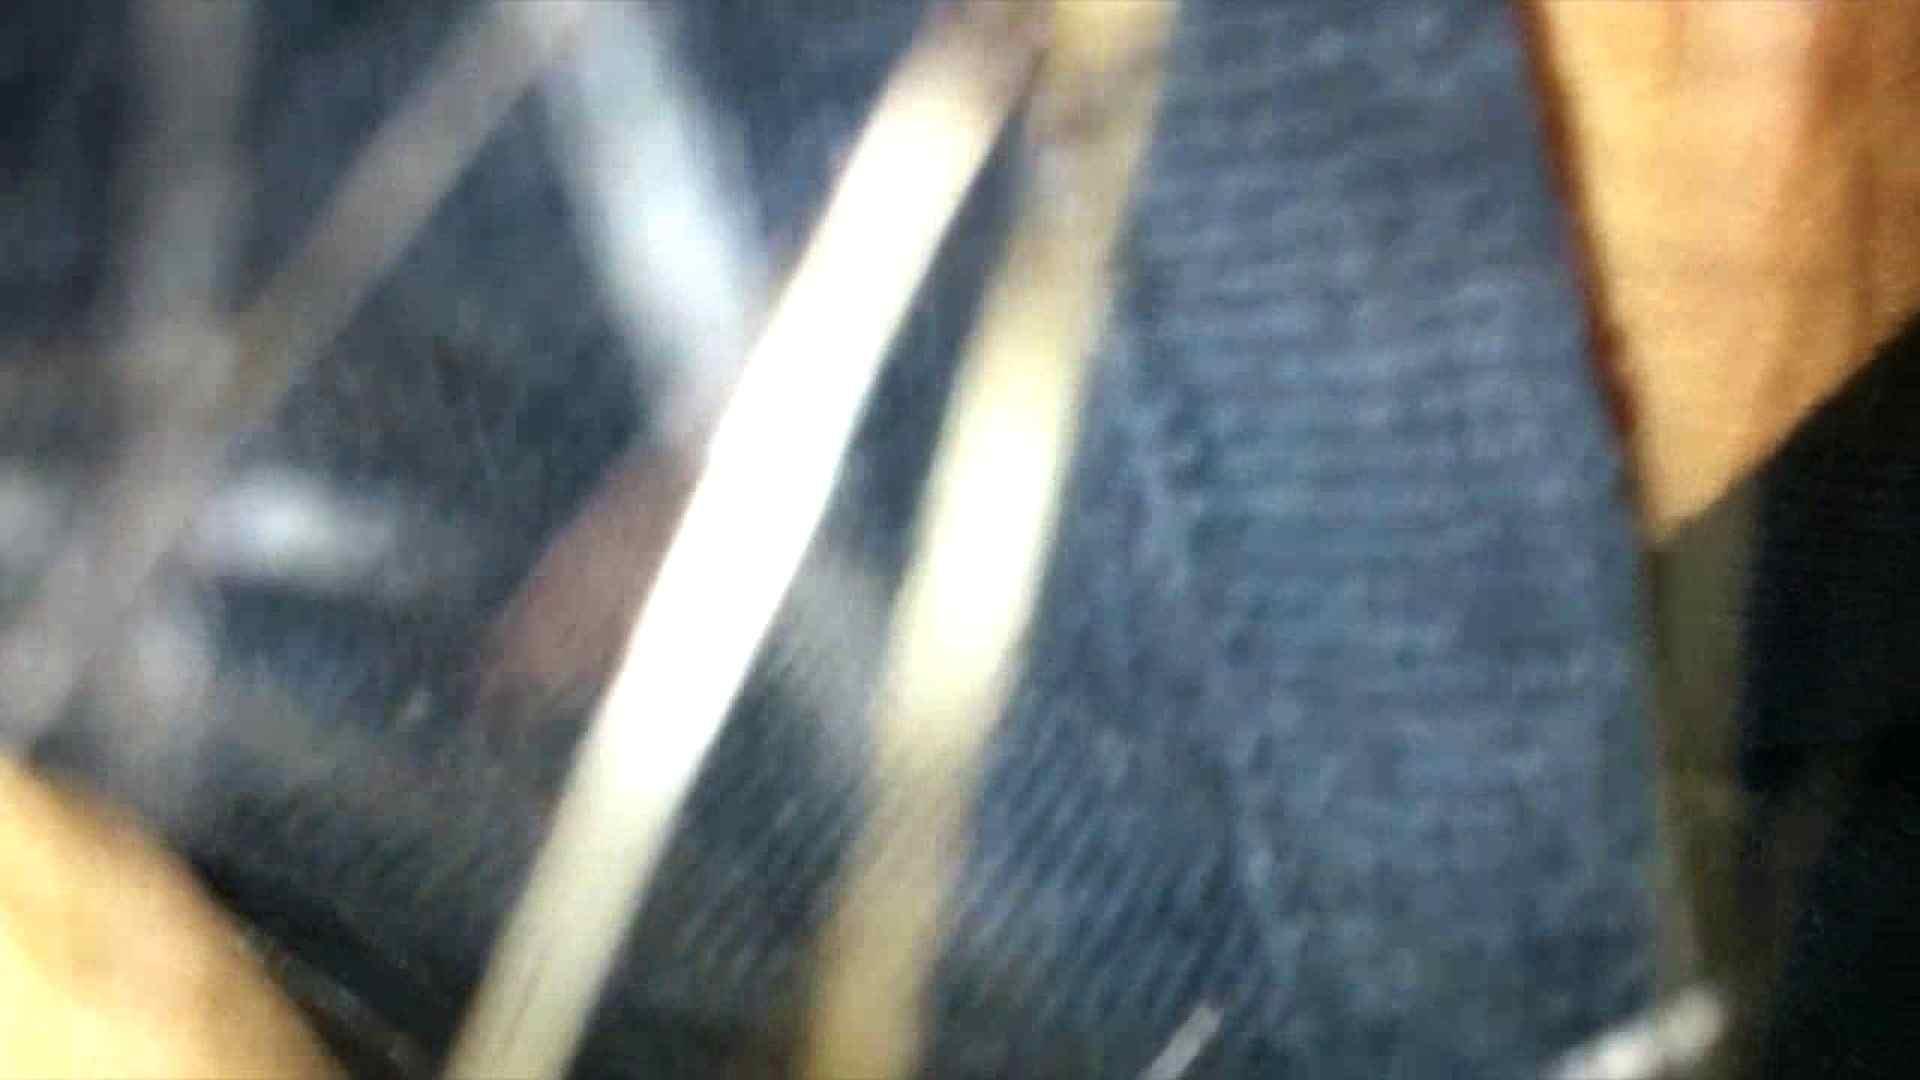 魔術師の お・も・て・な・し vol.19 25歳のキャリアウーマンにネットカフェイタズラ 0   0  76画像 61